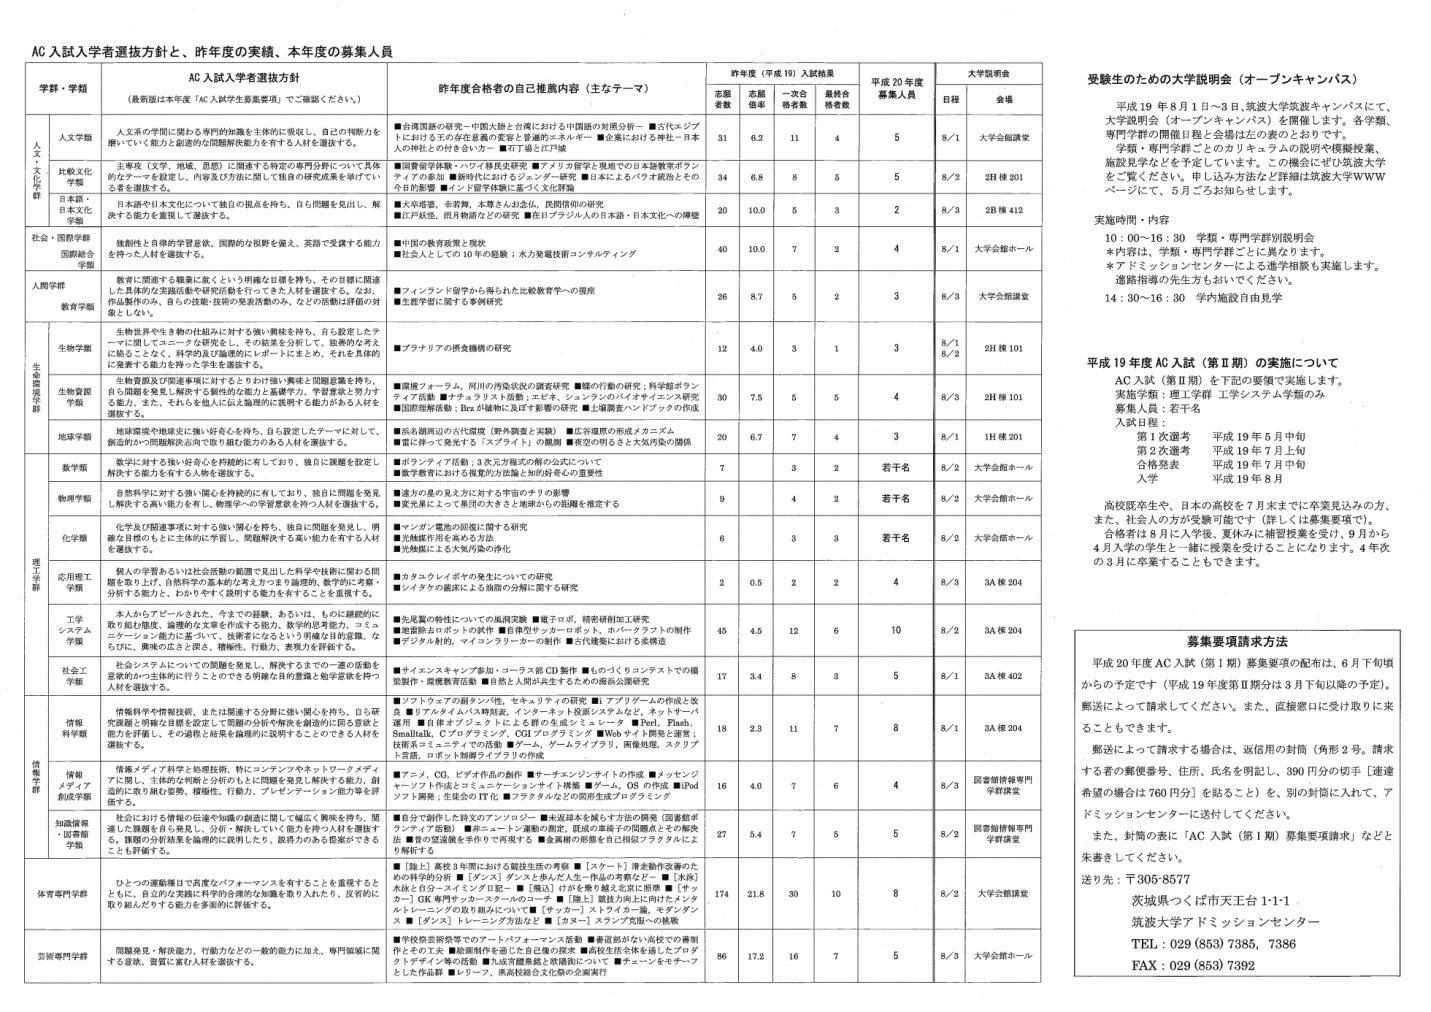 AC入試リーフレット 平成20年度版2-3